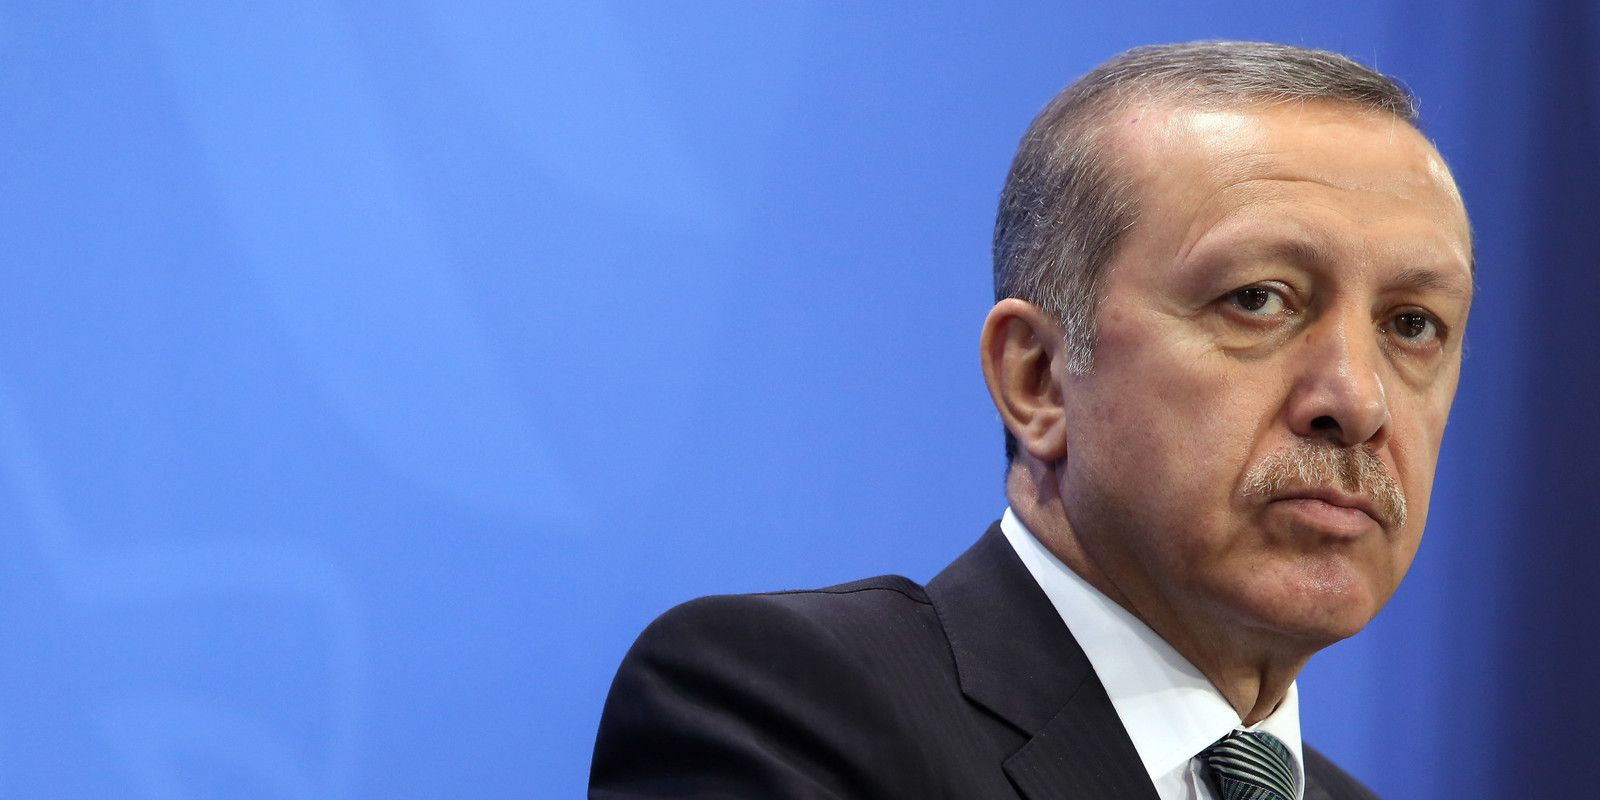 Защо София е така услужлива към Ердоган